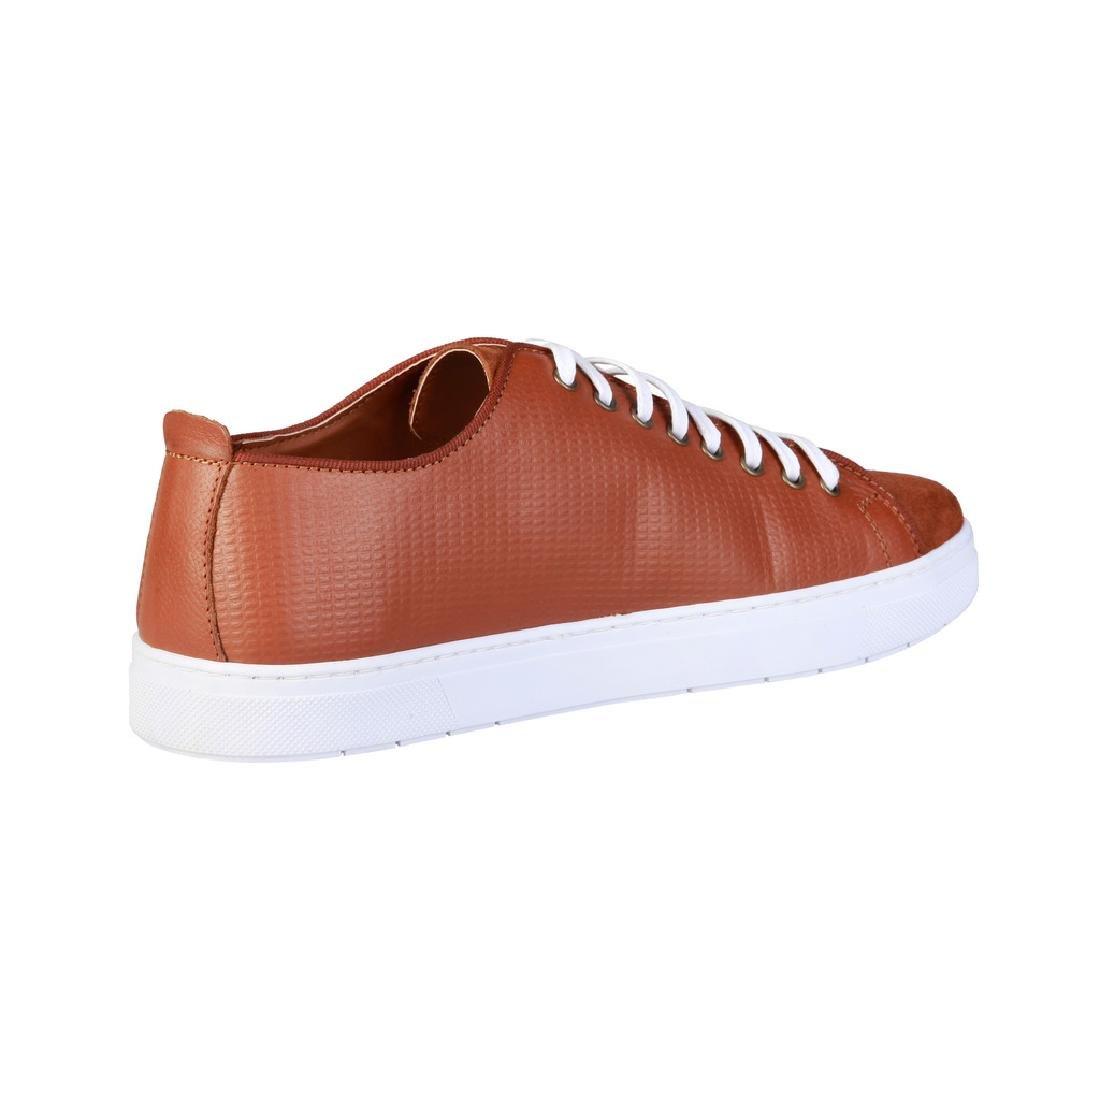 Men's Pierre Cardin Sneakers Shoes US 12 - 3